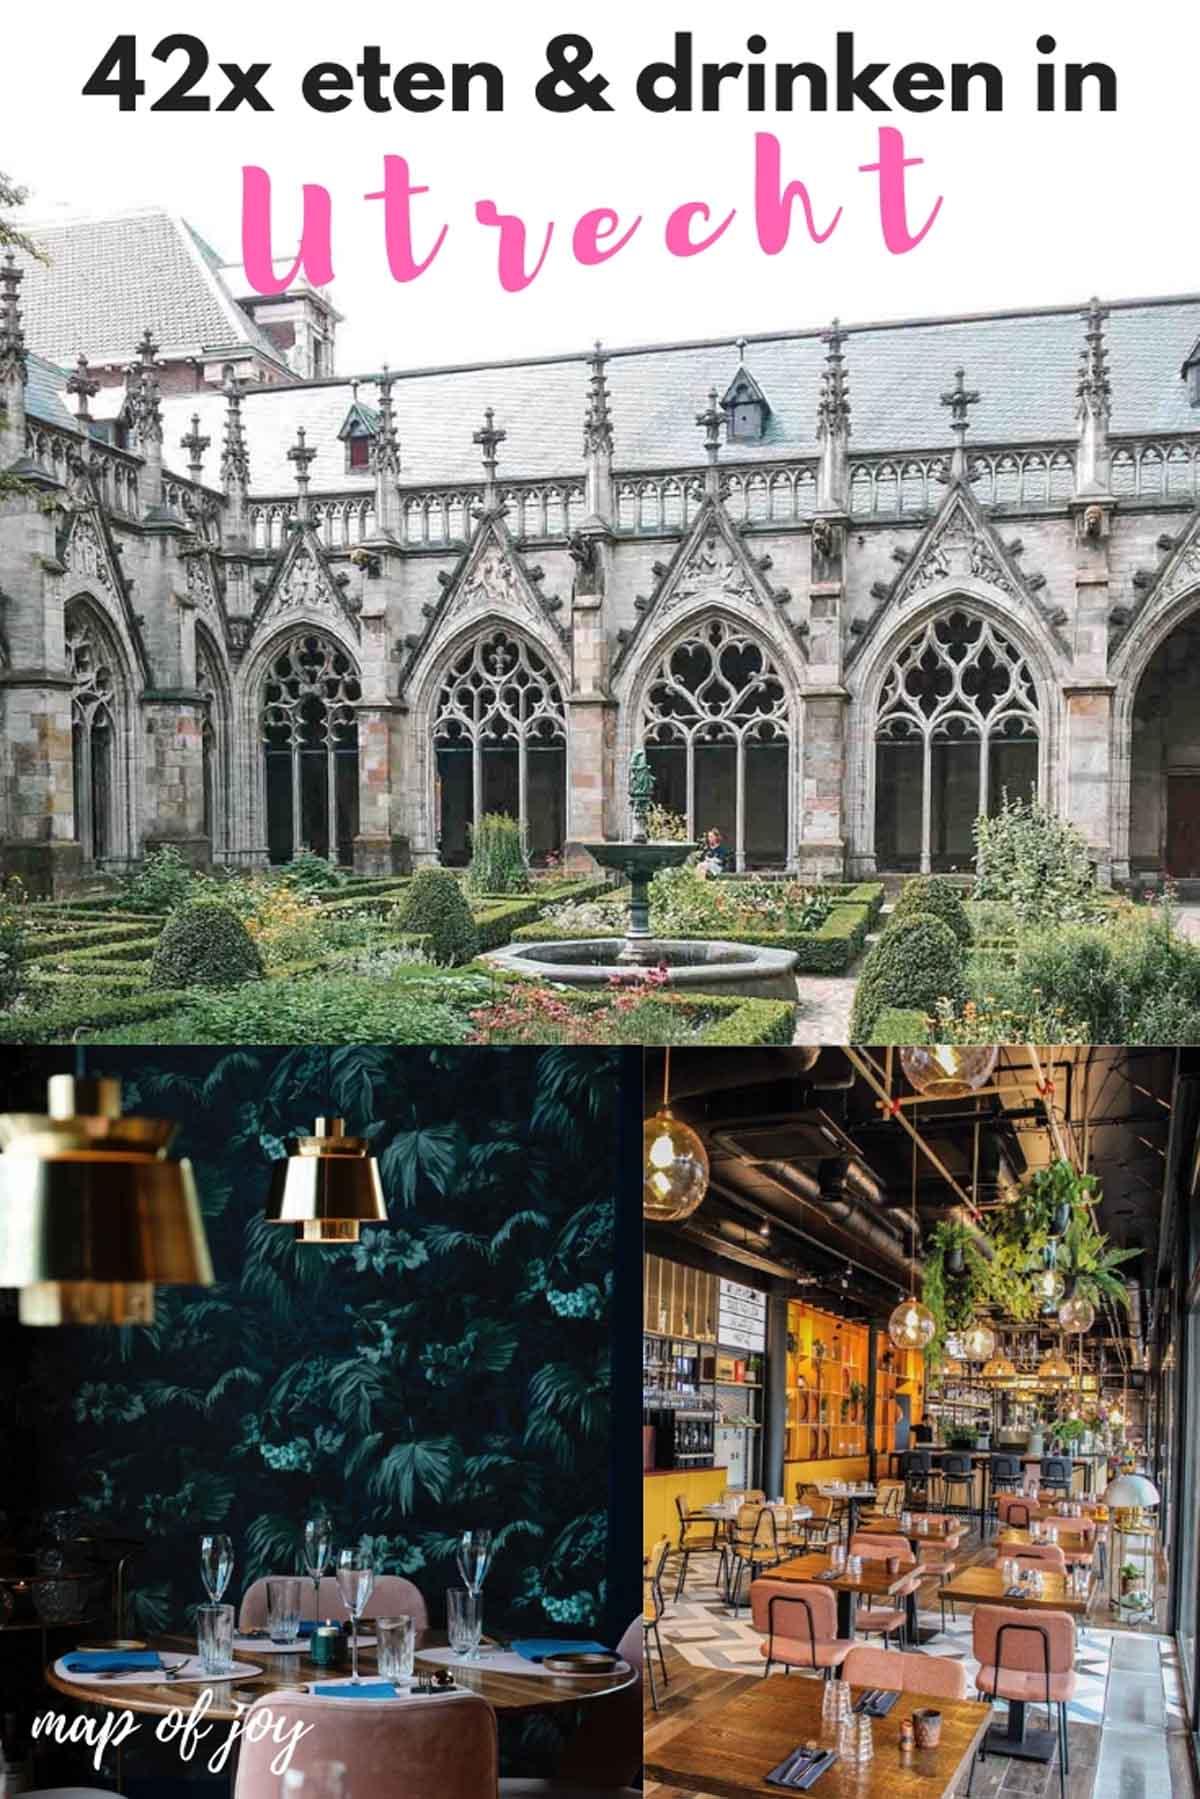 42x eten en drinken in Utrecht